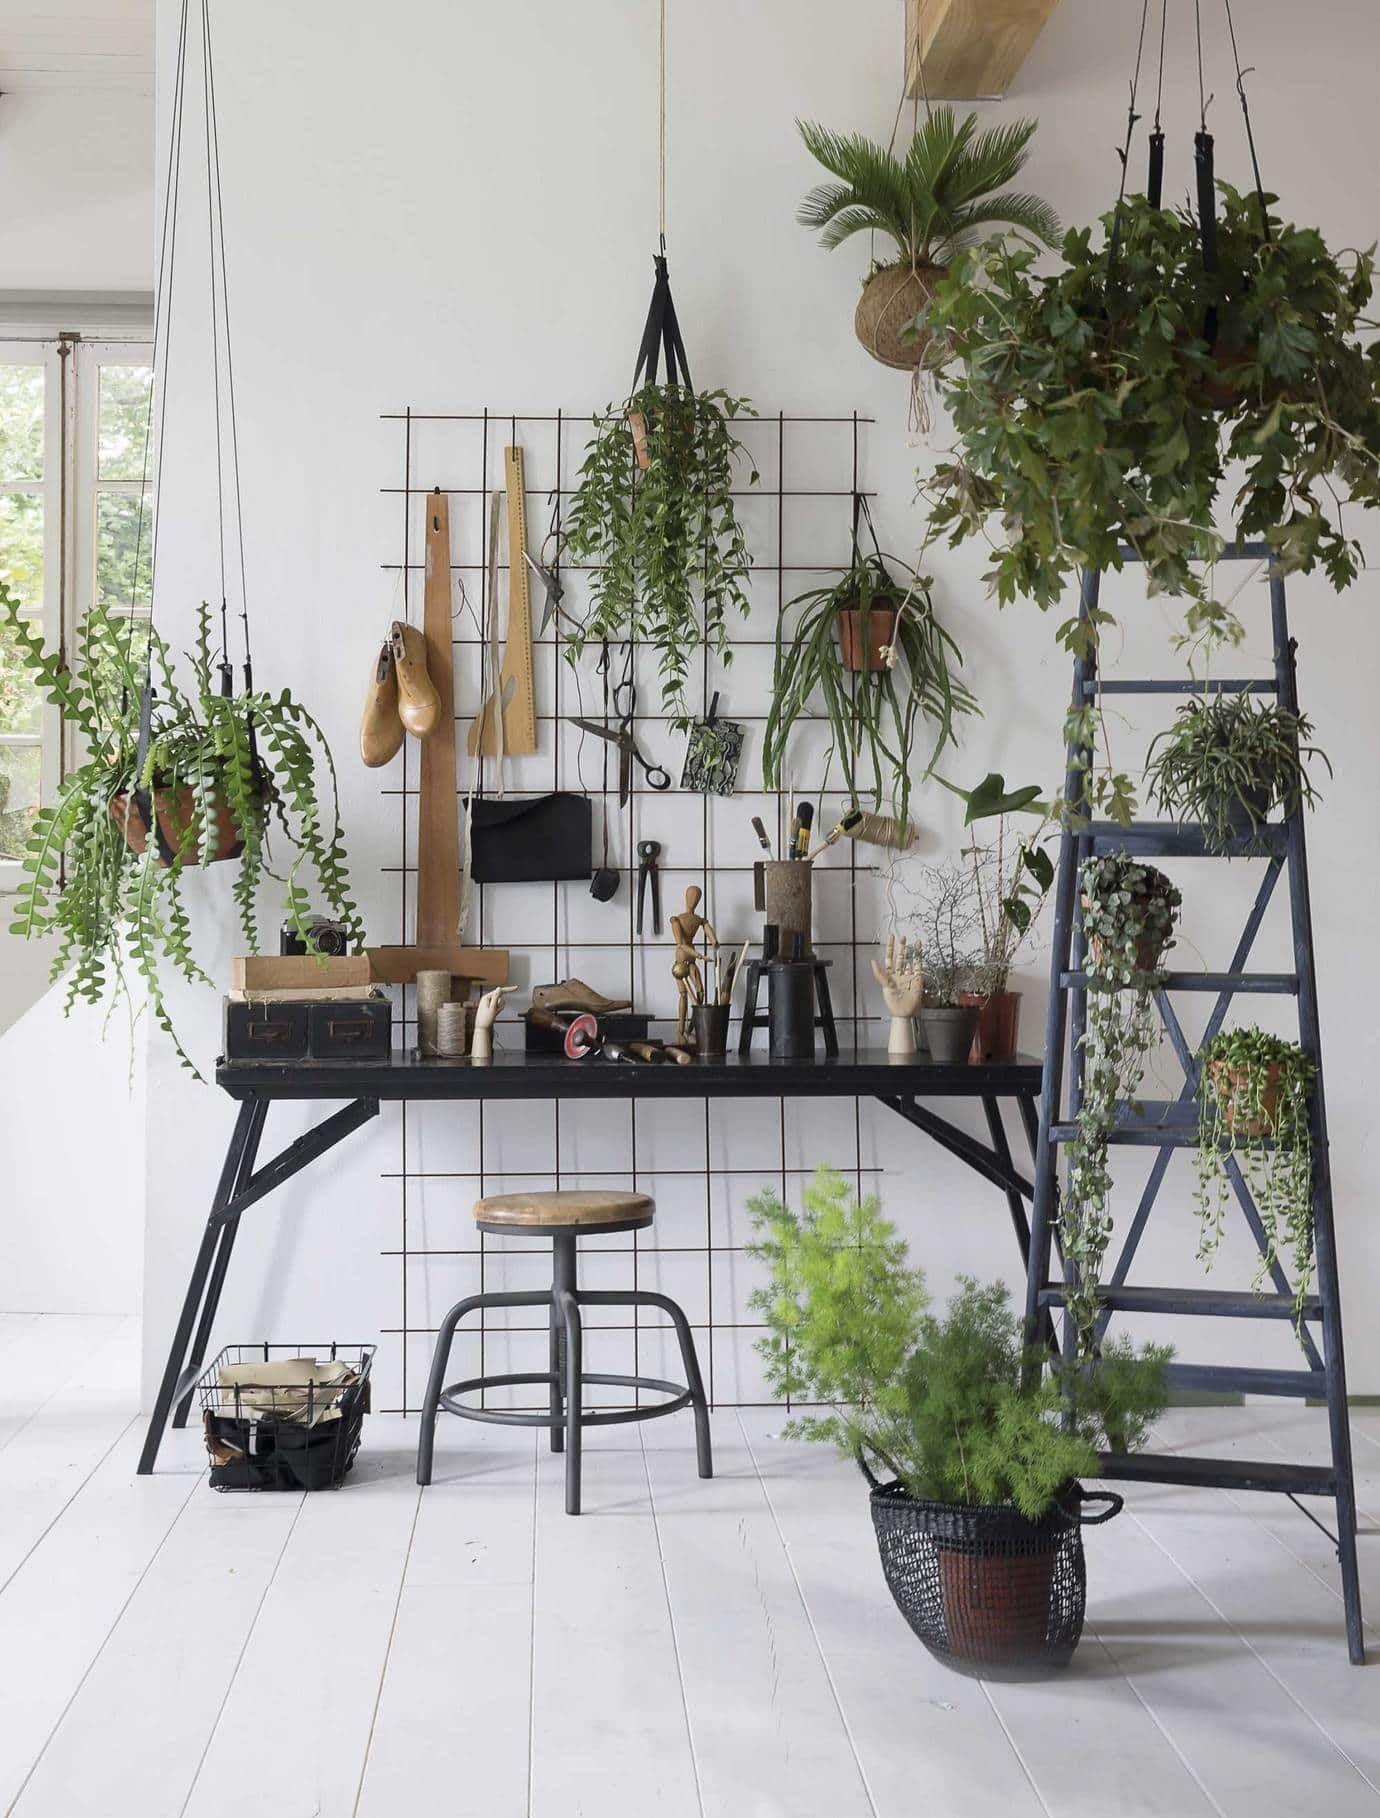 Planten zo maken planten je in en exterieur volledig on point